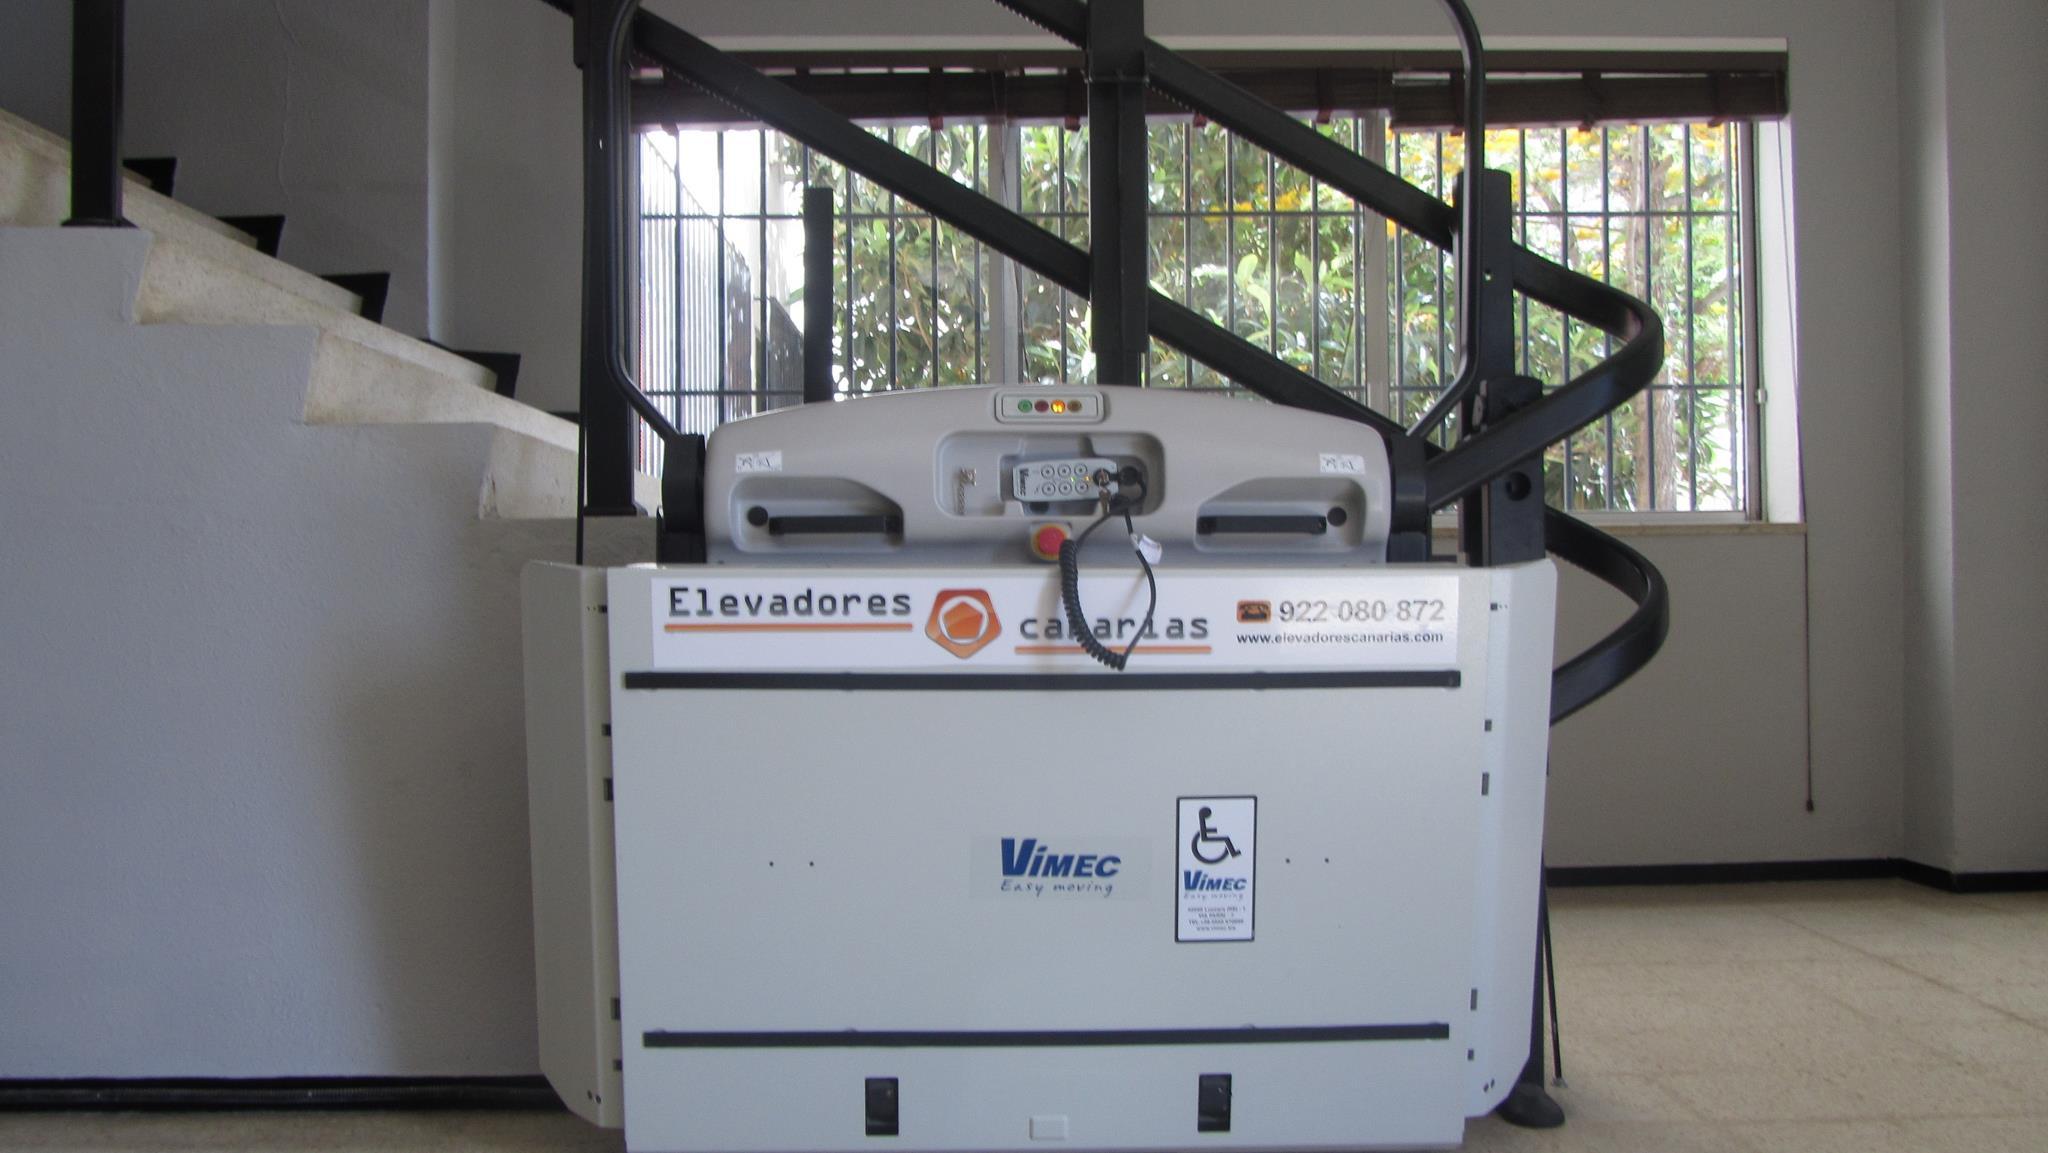 Foto 18 de Venta, instalación y reparaciones de aparatos elevadores en Tegueste | Mobiliteg Solutions